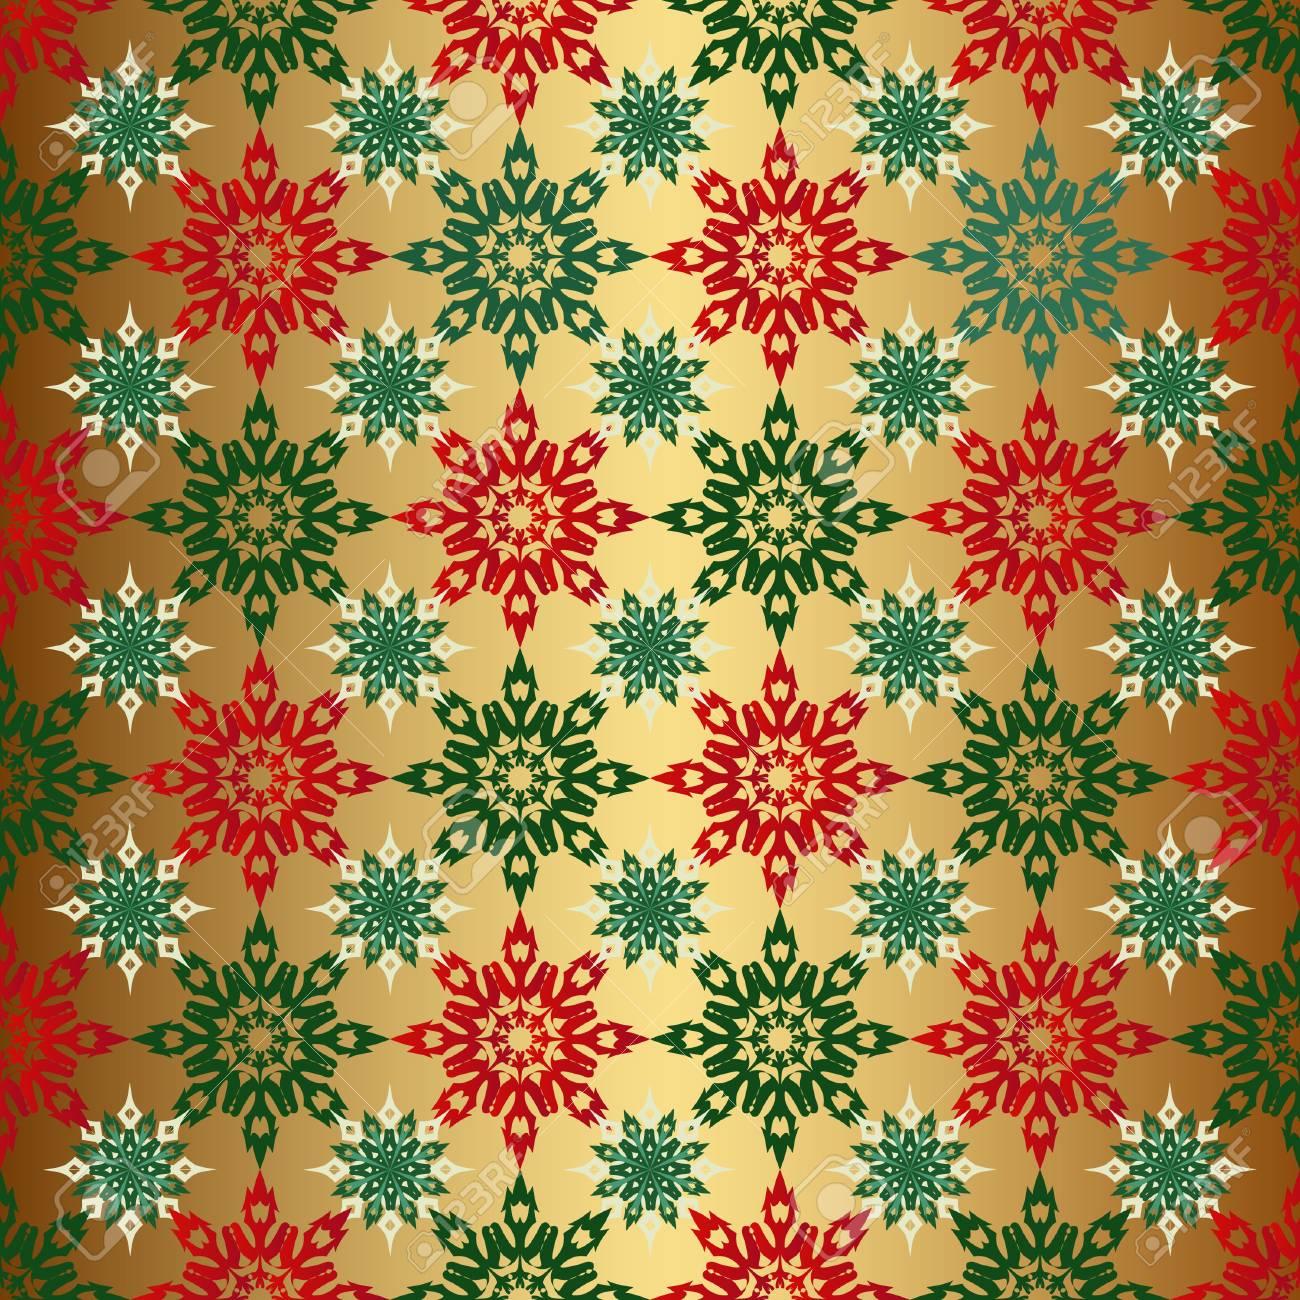 Transparente Couleur De Fond Noel Or Papier Peint Rouge Et Vert